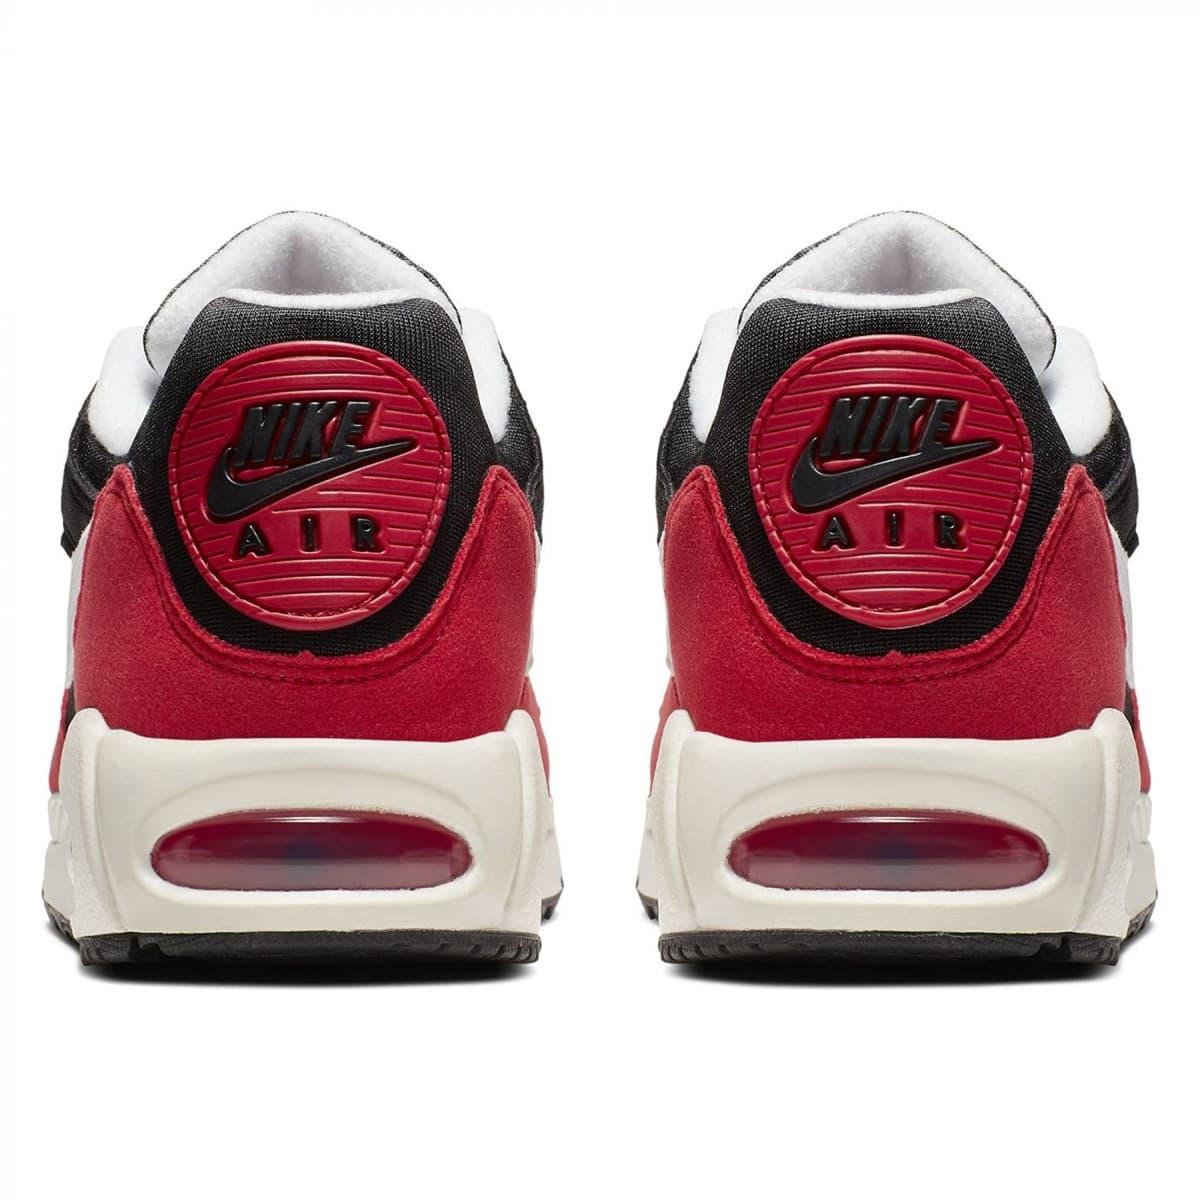 Air Max Correlate Kadın Kırmızı Spor Ayakkabı (511417-015)